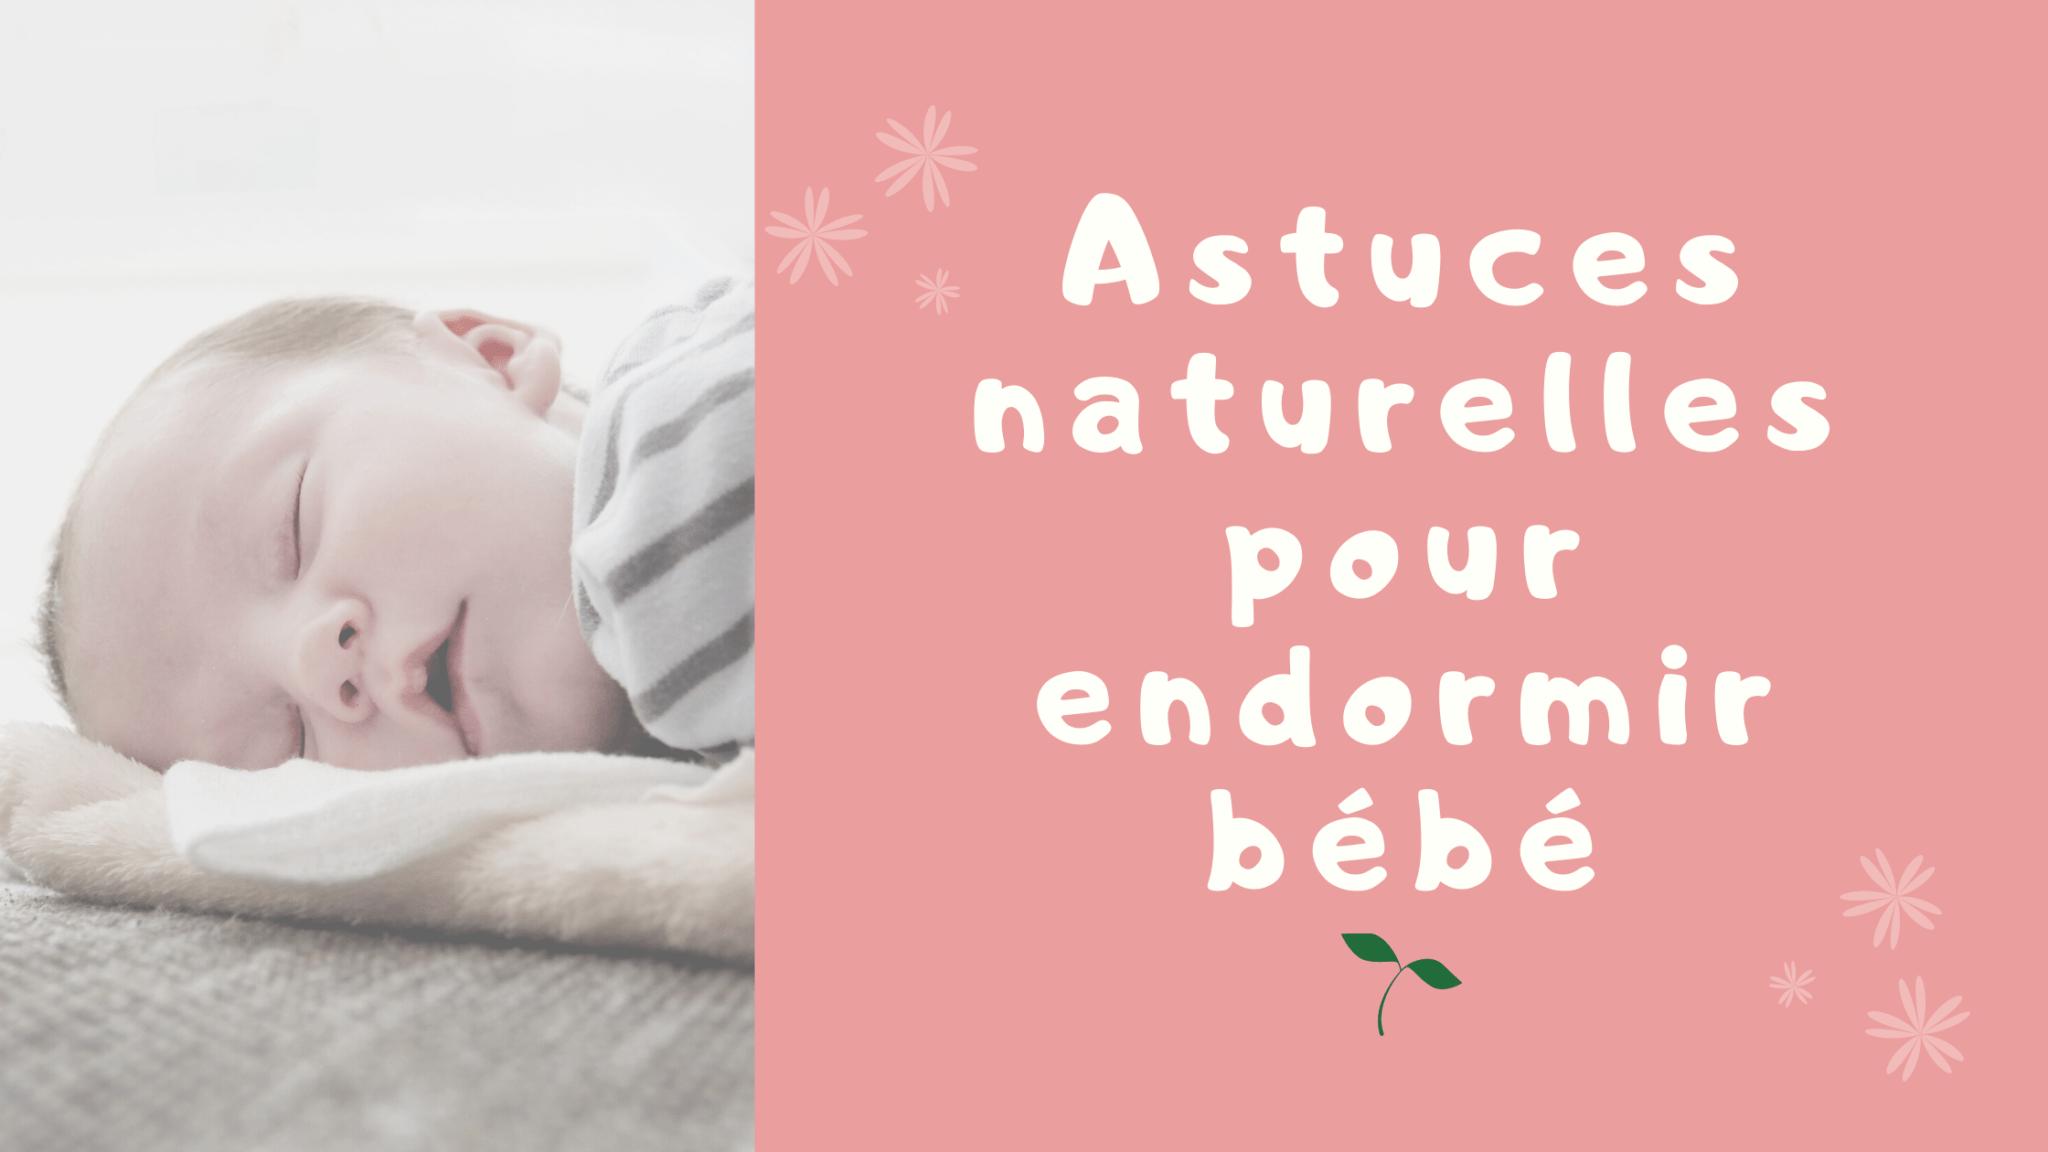 9 astuces naturelles pour endormir bébé facilement